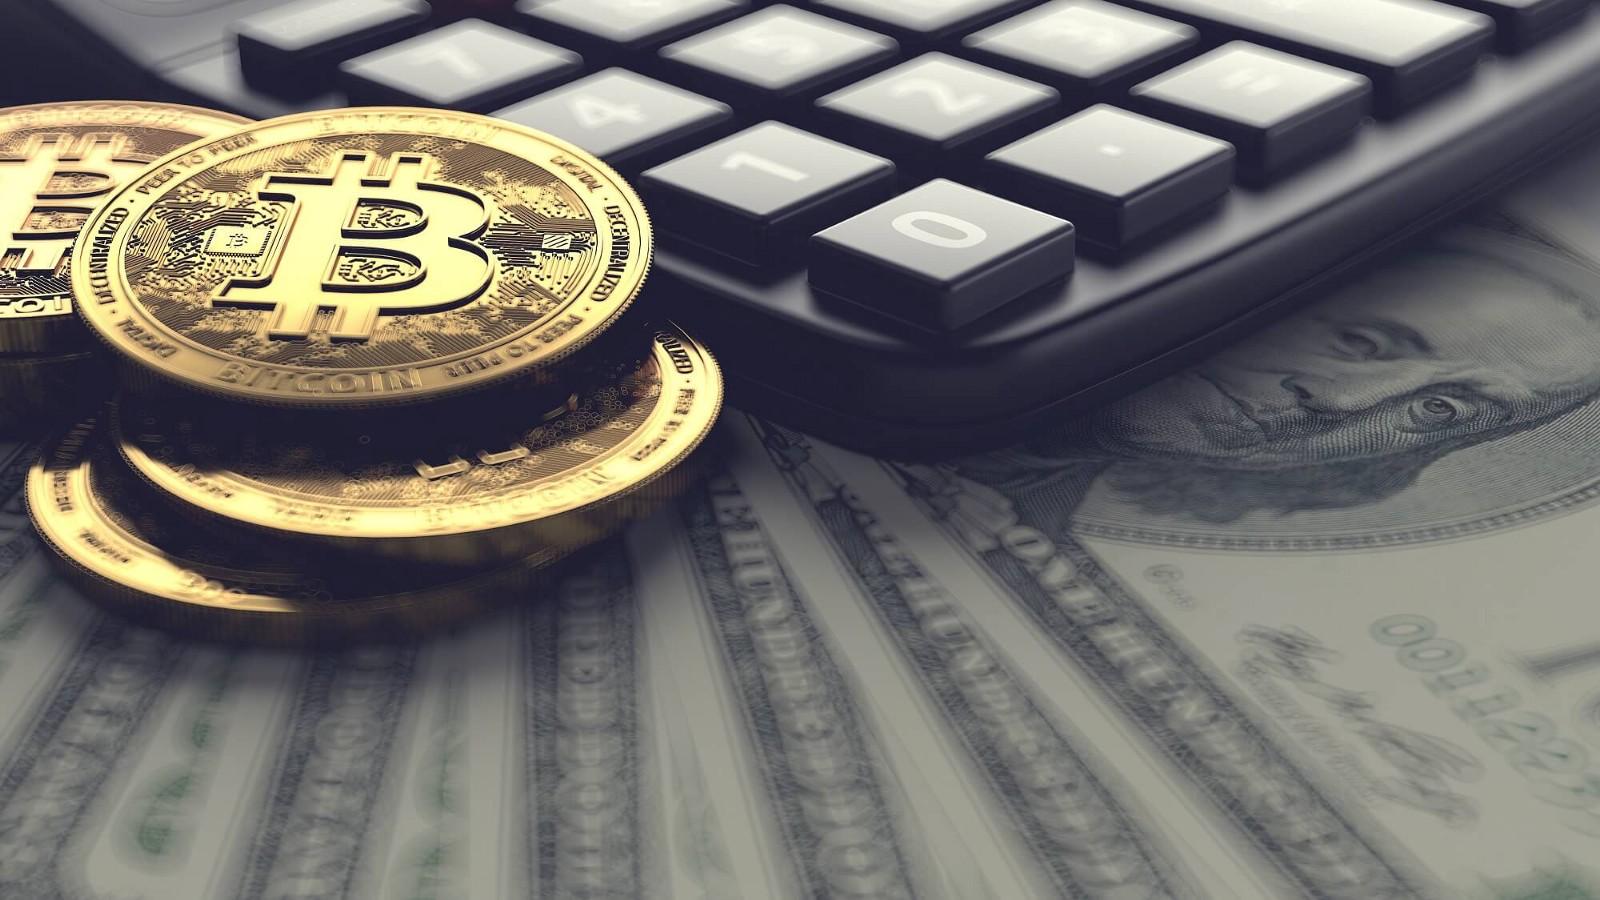 Kripto Para Vergi ve Bitcoin Vergi